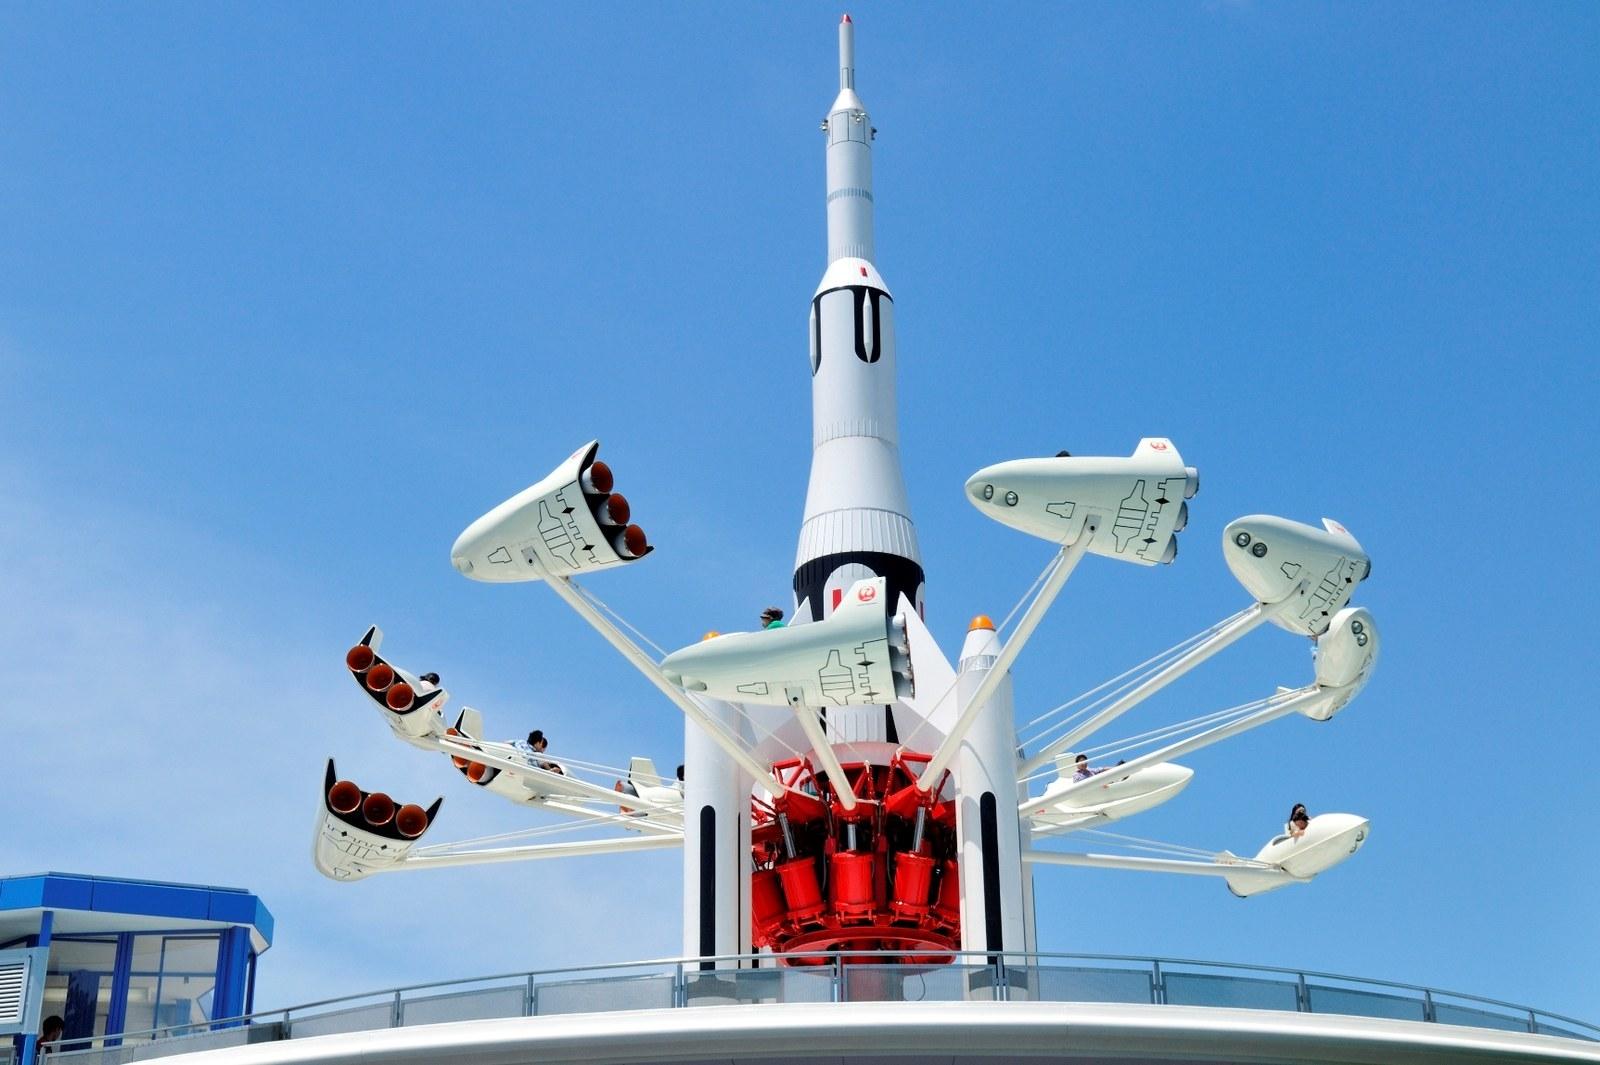 東京ディズニーランド開園当初から親しまれてきたアトラクション「スタージェット」が、10月10日で約34年間のフライトを終了します。